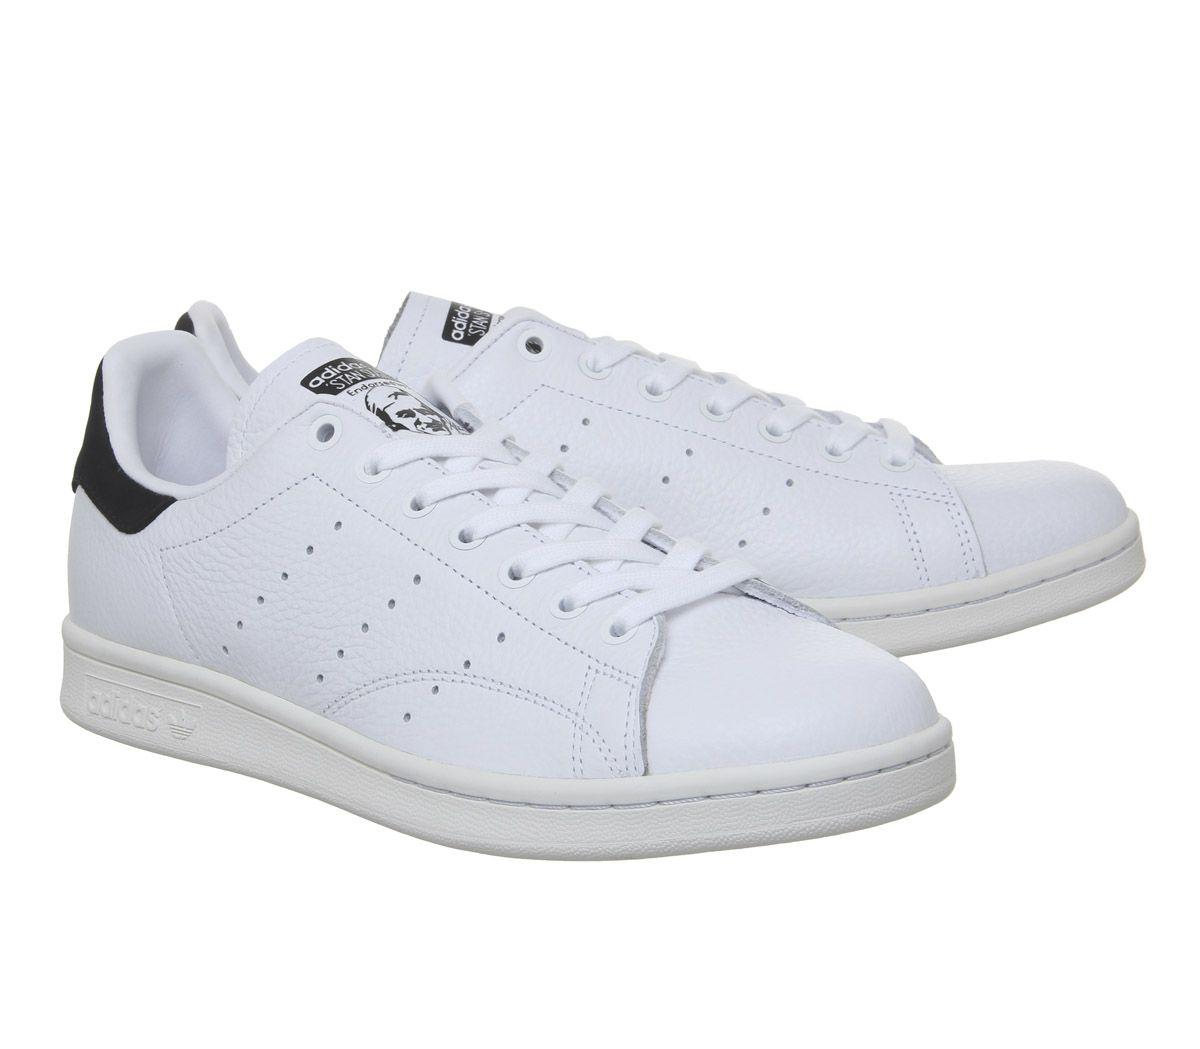 new style 715f3 c6a8d Détails sur Homme Adidas Stan Smith Baskets Blanc White Core Noir Baskets  Chaussures- afficher le titre d origine